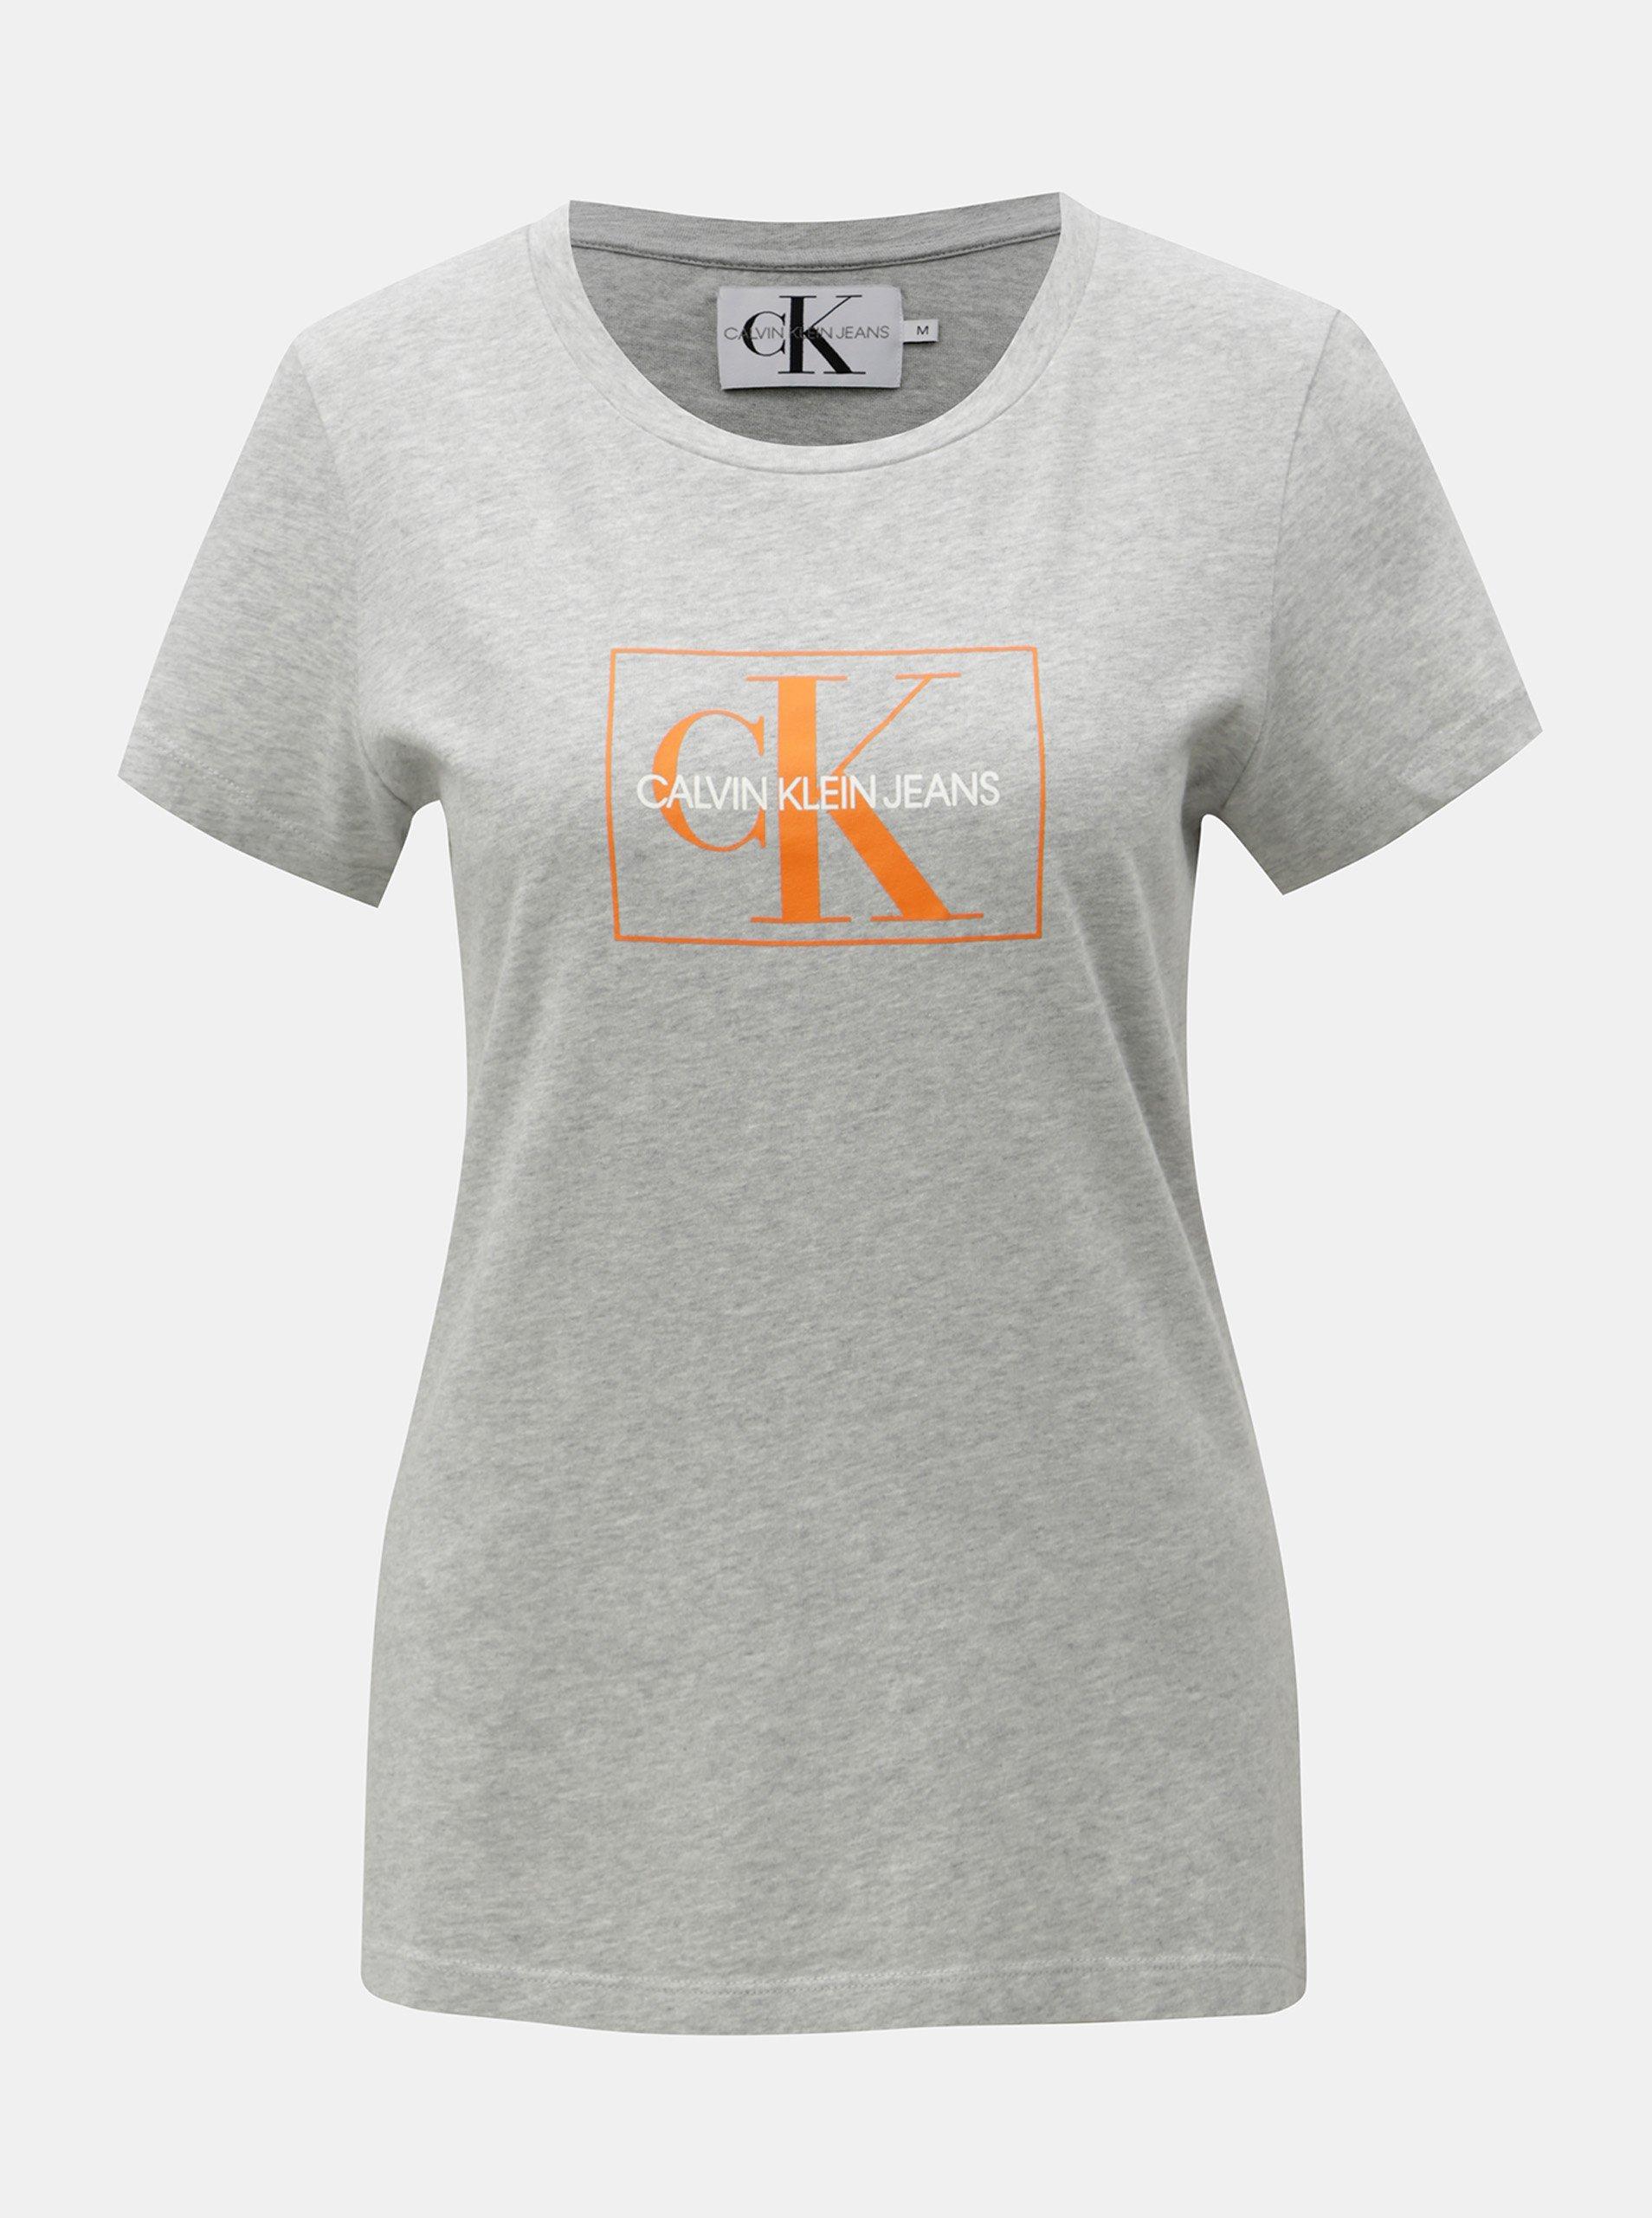 89e92b6c63f Šedé dámské žíhané tričko s potiskem Calvin Klein Jeans